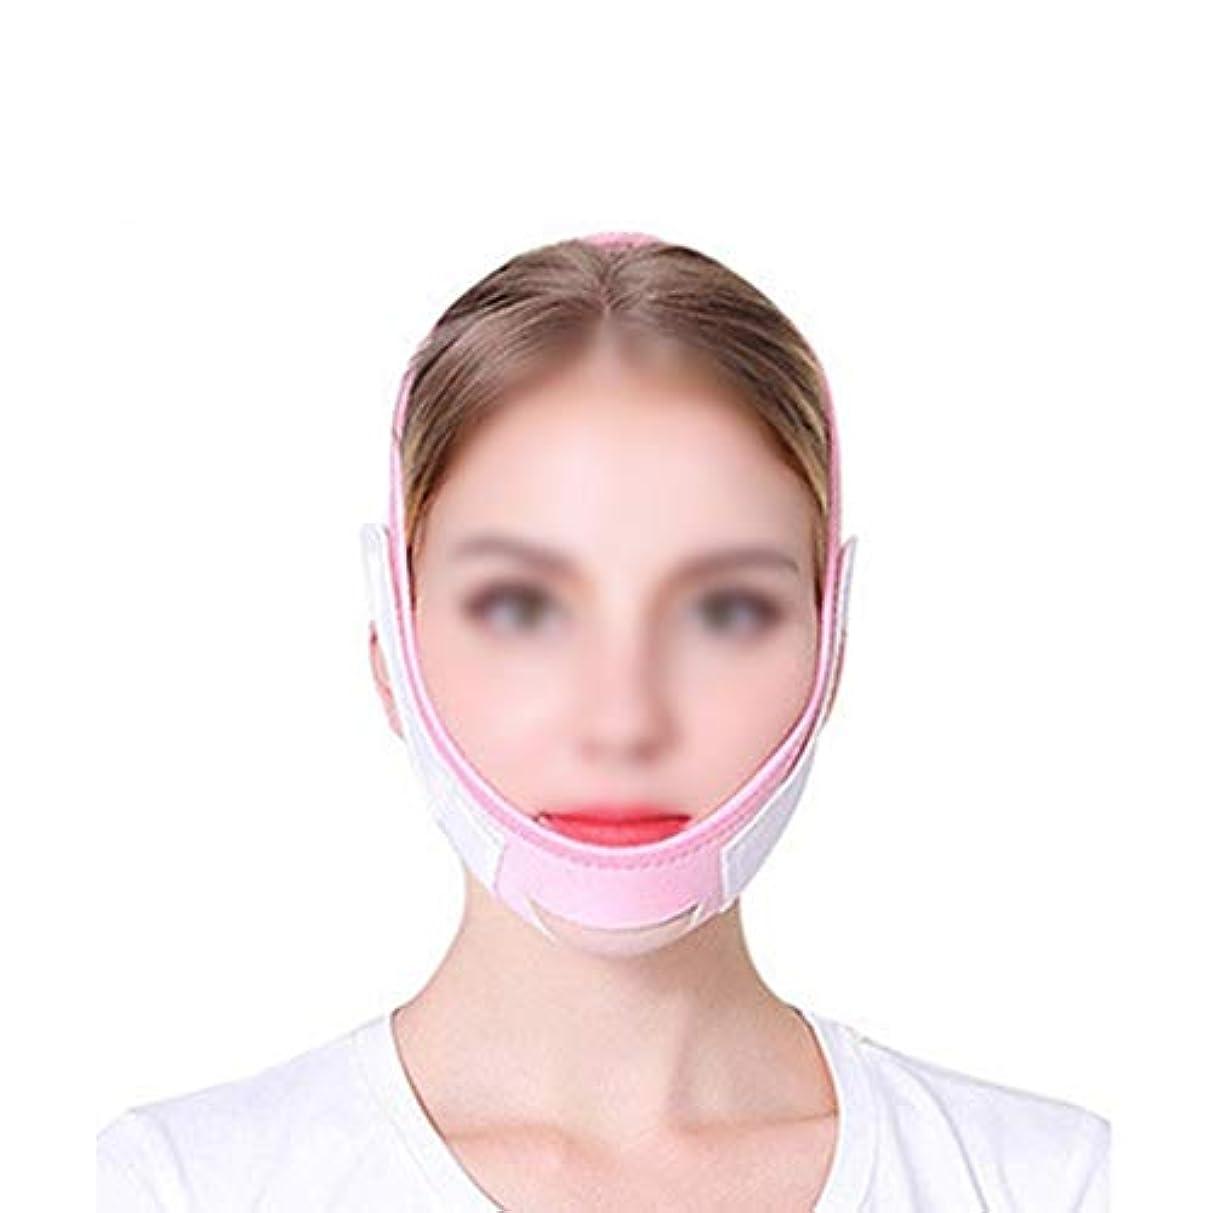 予感反逆者買うしわ防止フェイシャル減量ベルト、フェイスリフティング包帯、フェイスリフティングマスク、リフティングフェイスバンド、スキンバンデージ(フリーサイズ) (Color : Powder white)